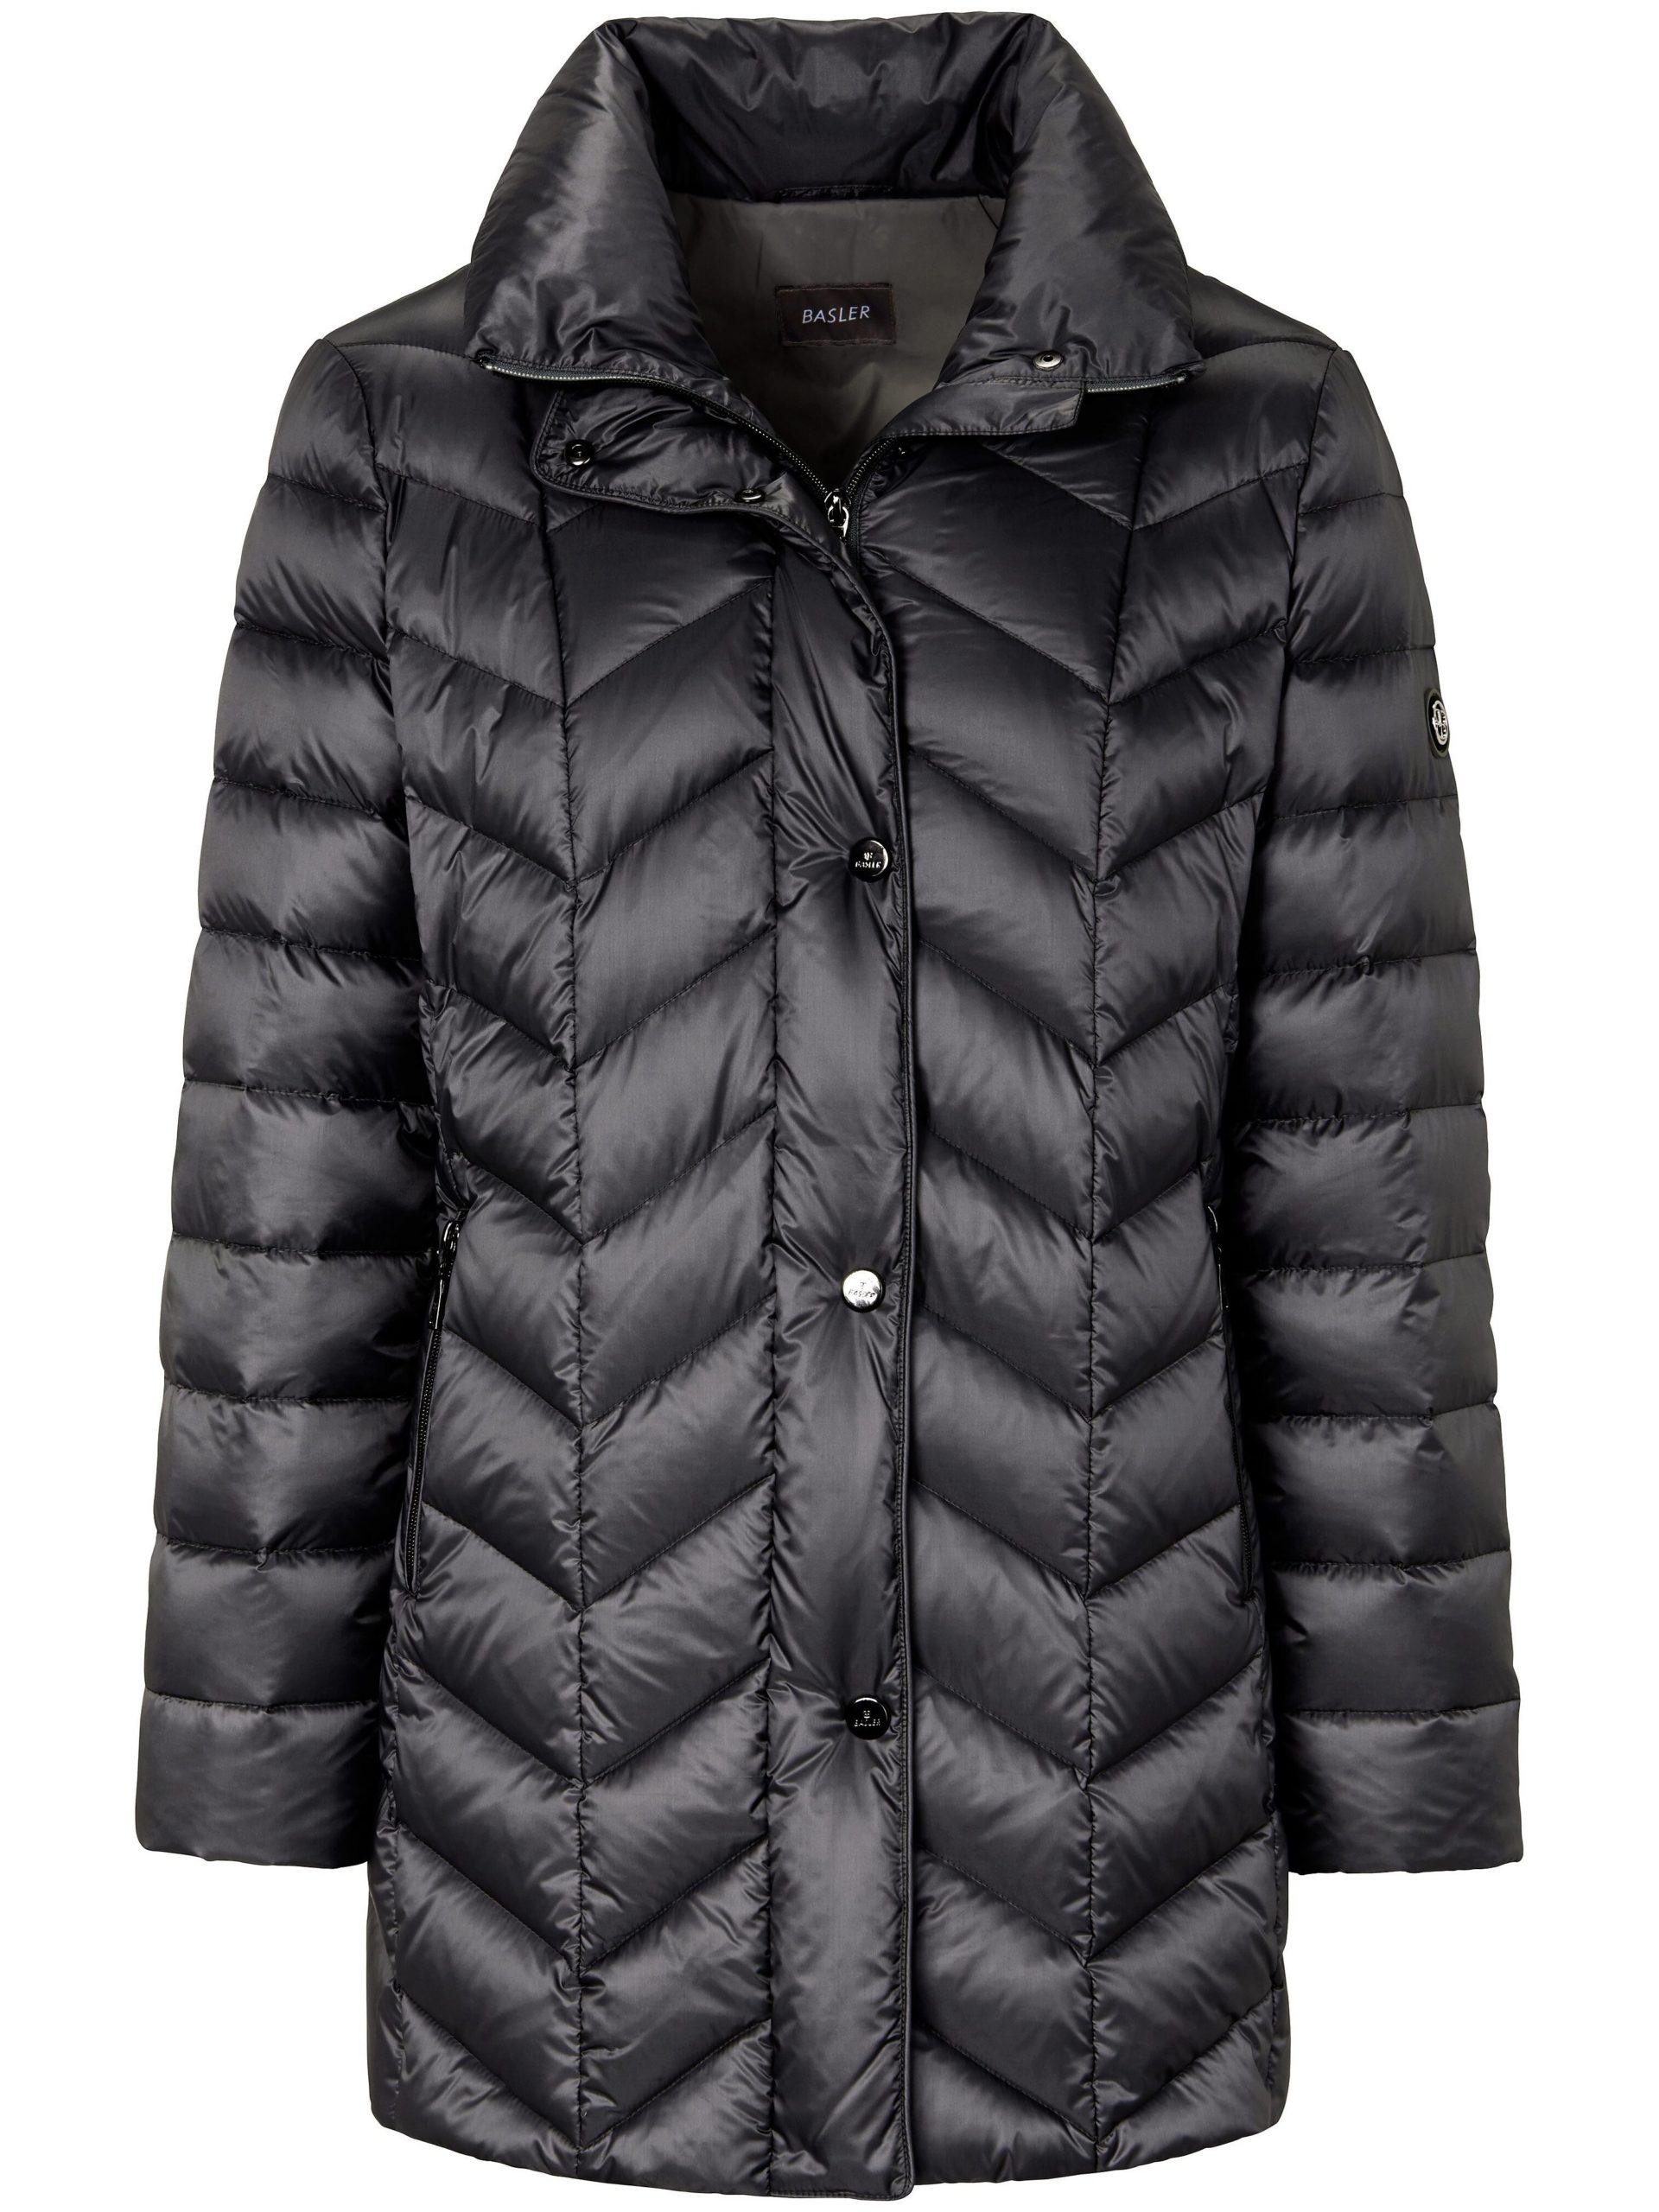 Gewatteerde donzen jas Van Basler zwart Kopen